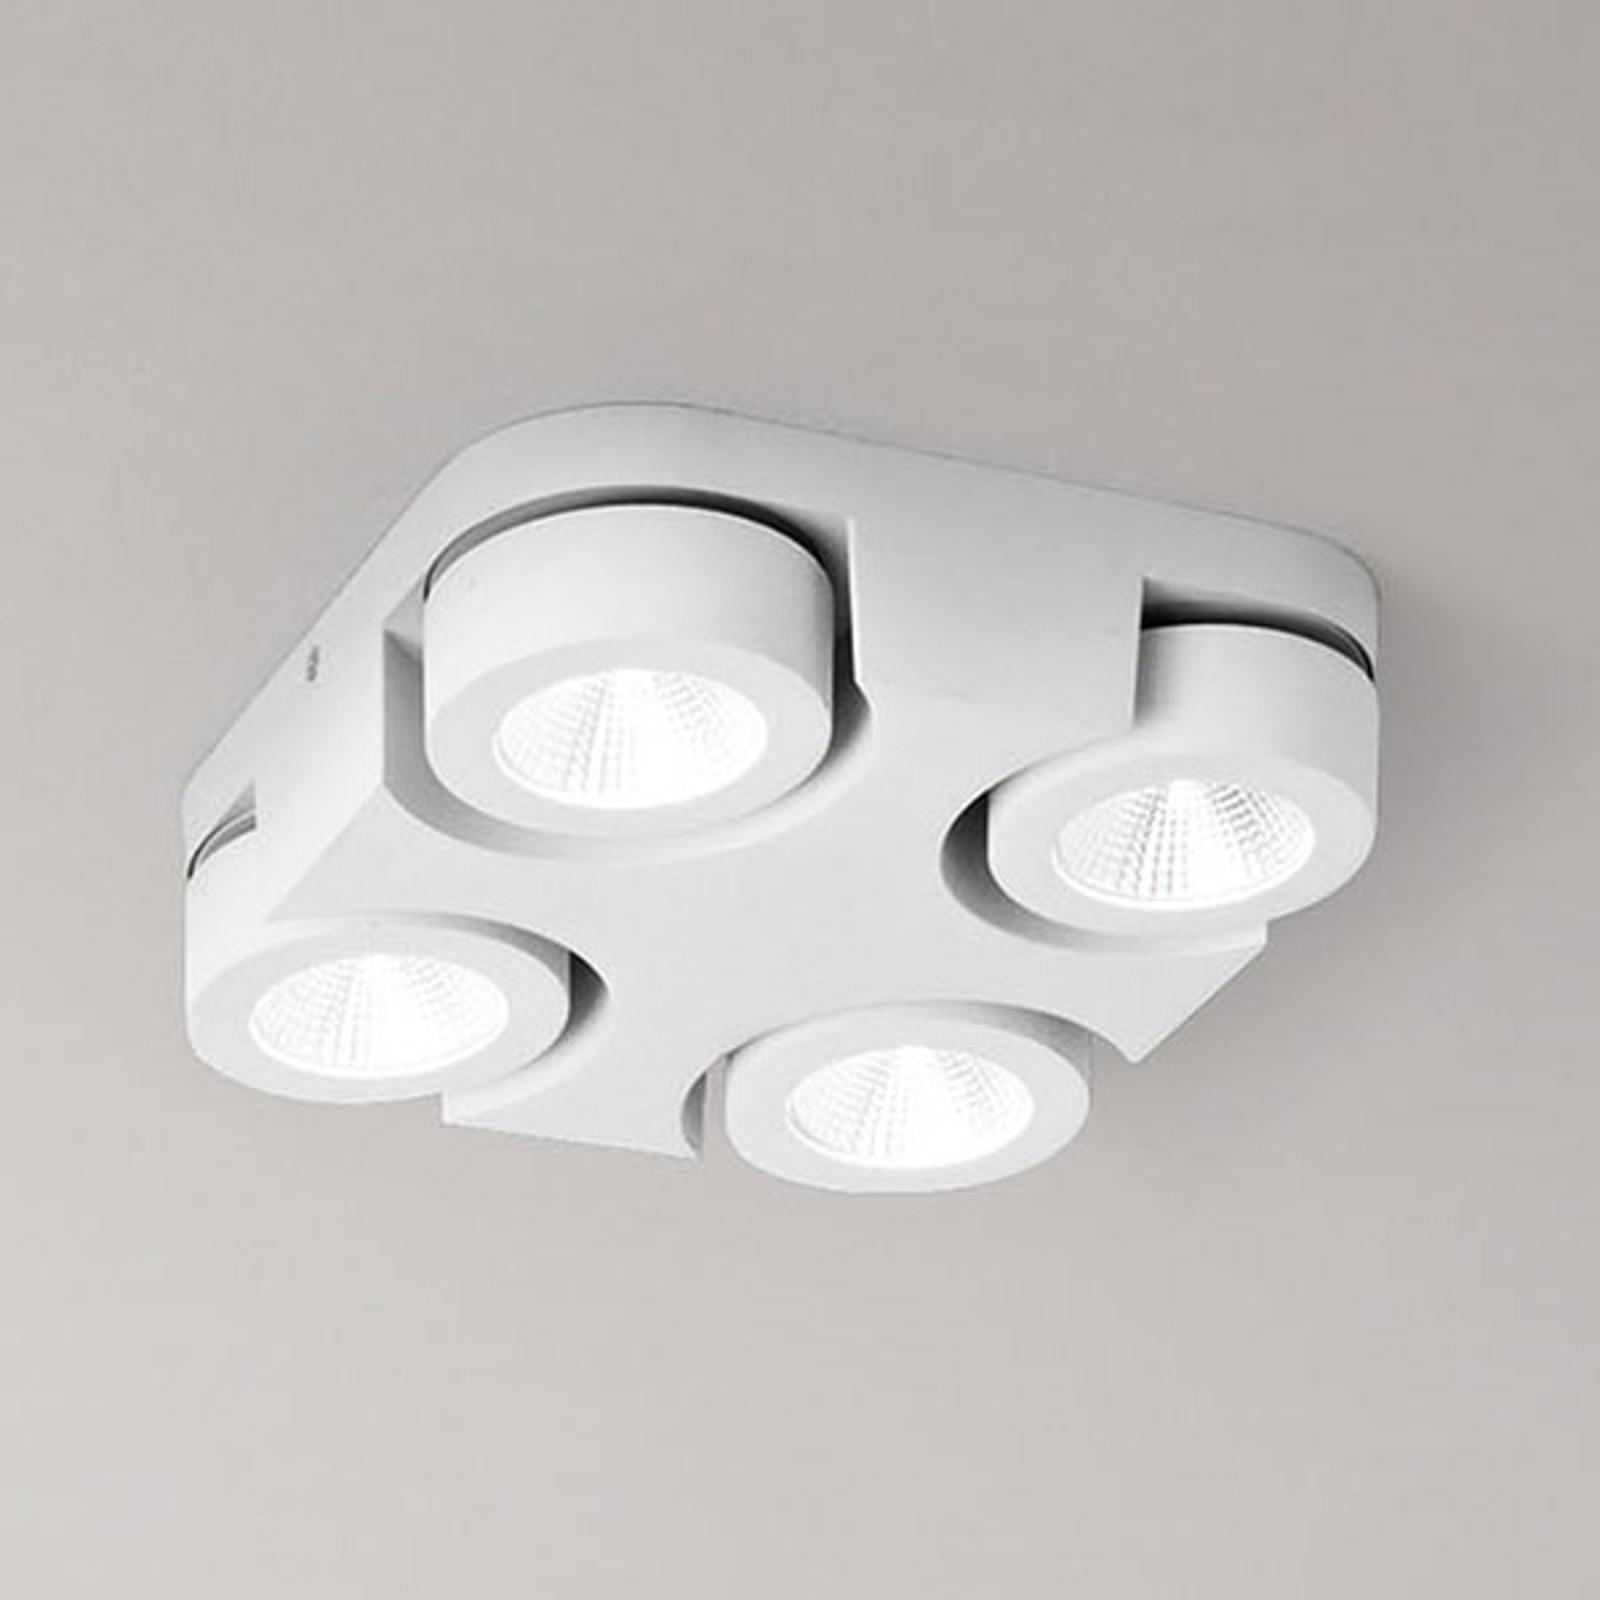 Kwadratowa lampa sufitowa LED Hella